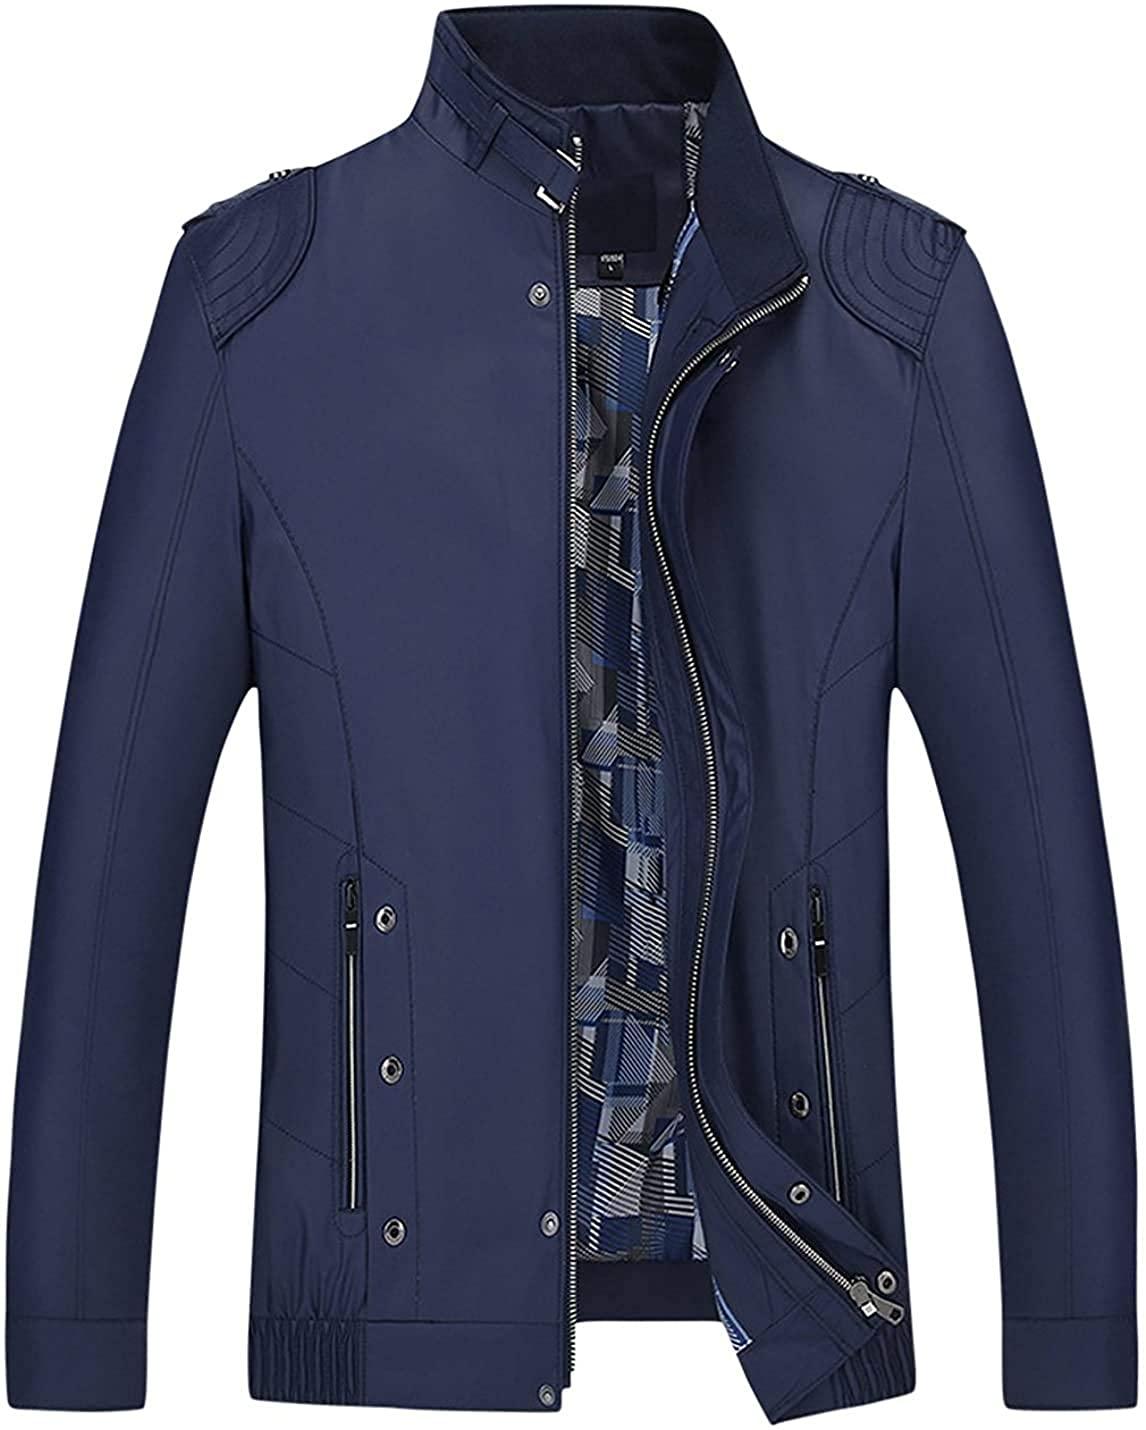 Gsdgjgg Mens Stand Collar Epaulet Zipper Outerwear Lightweight Jackets